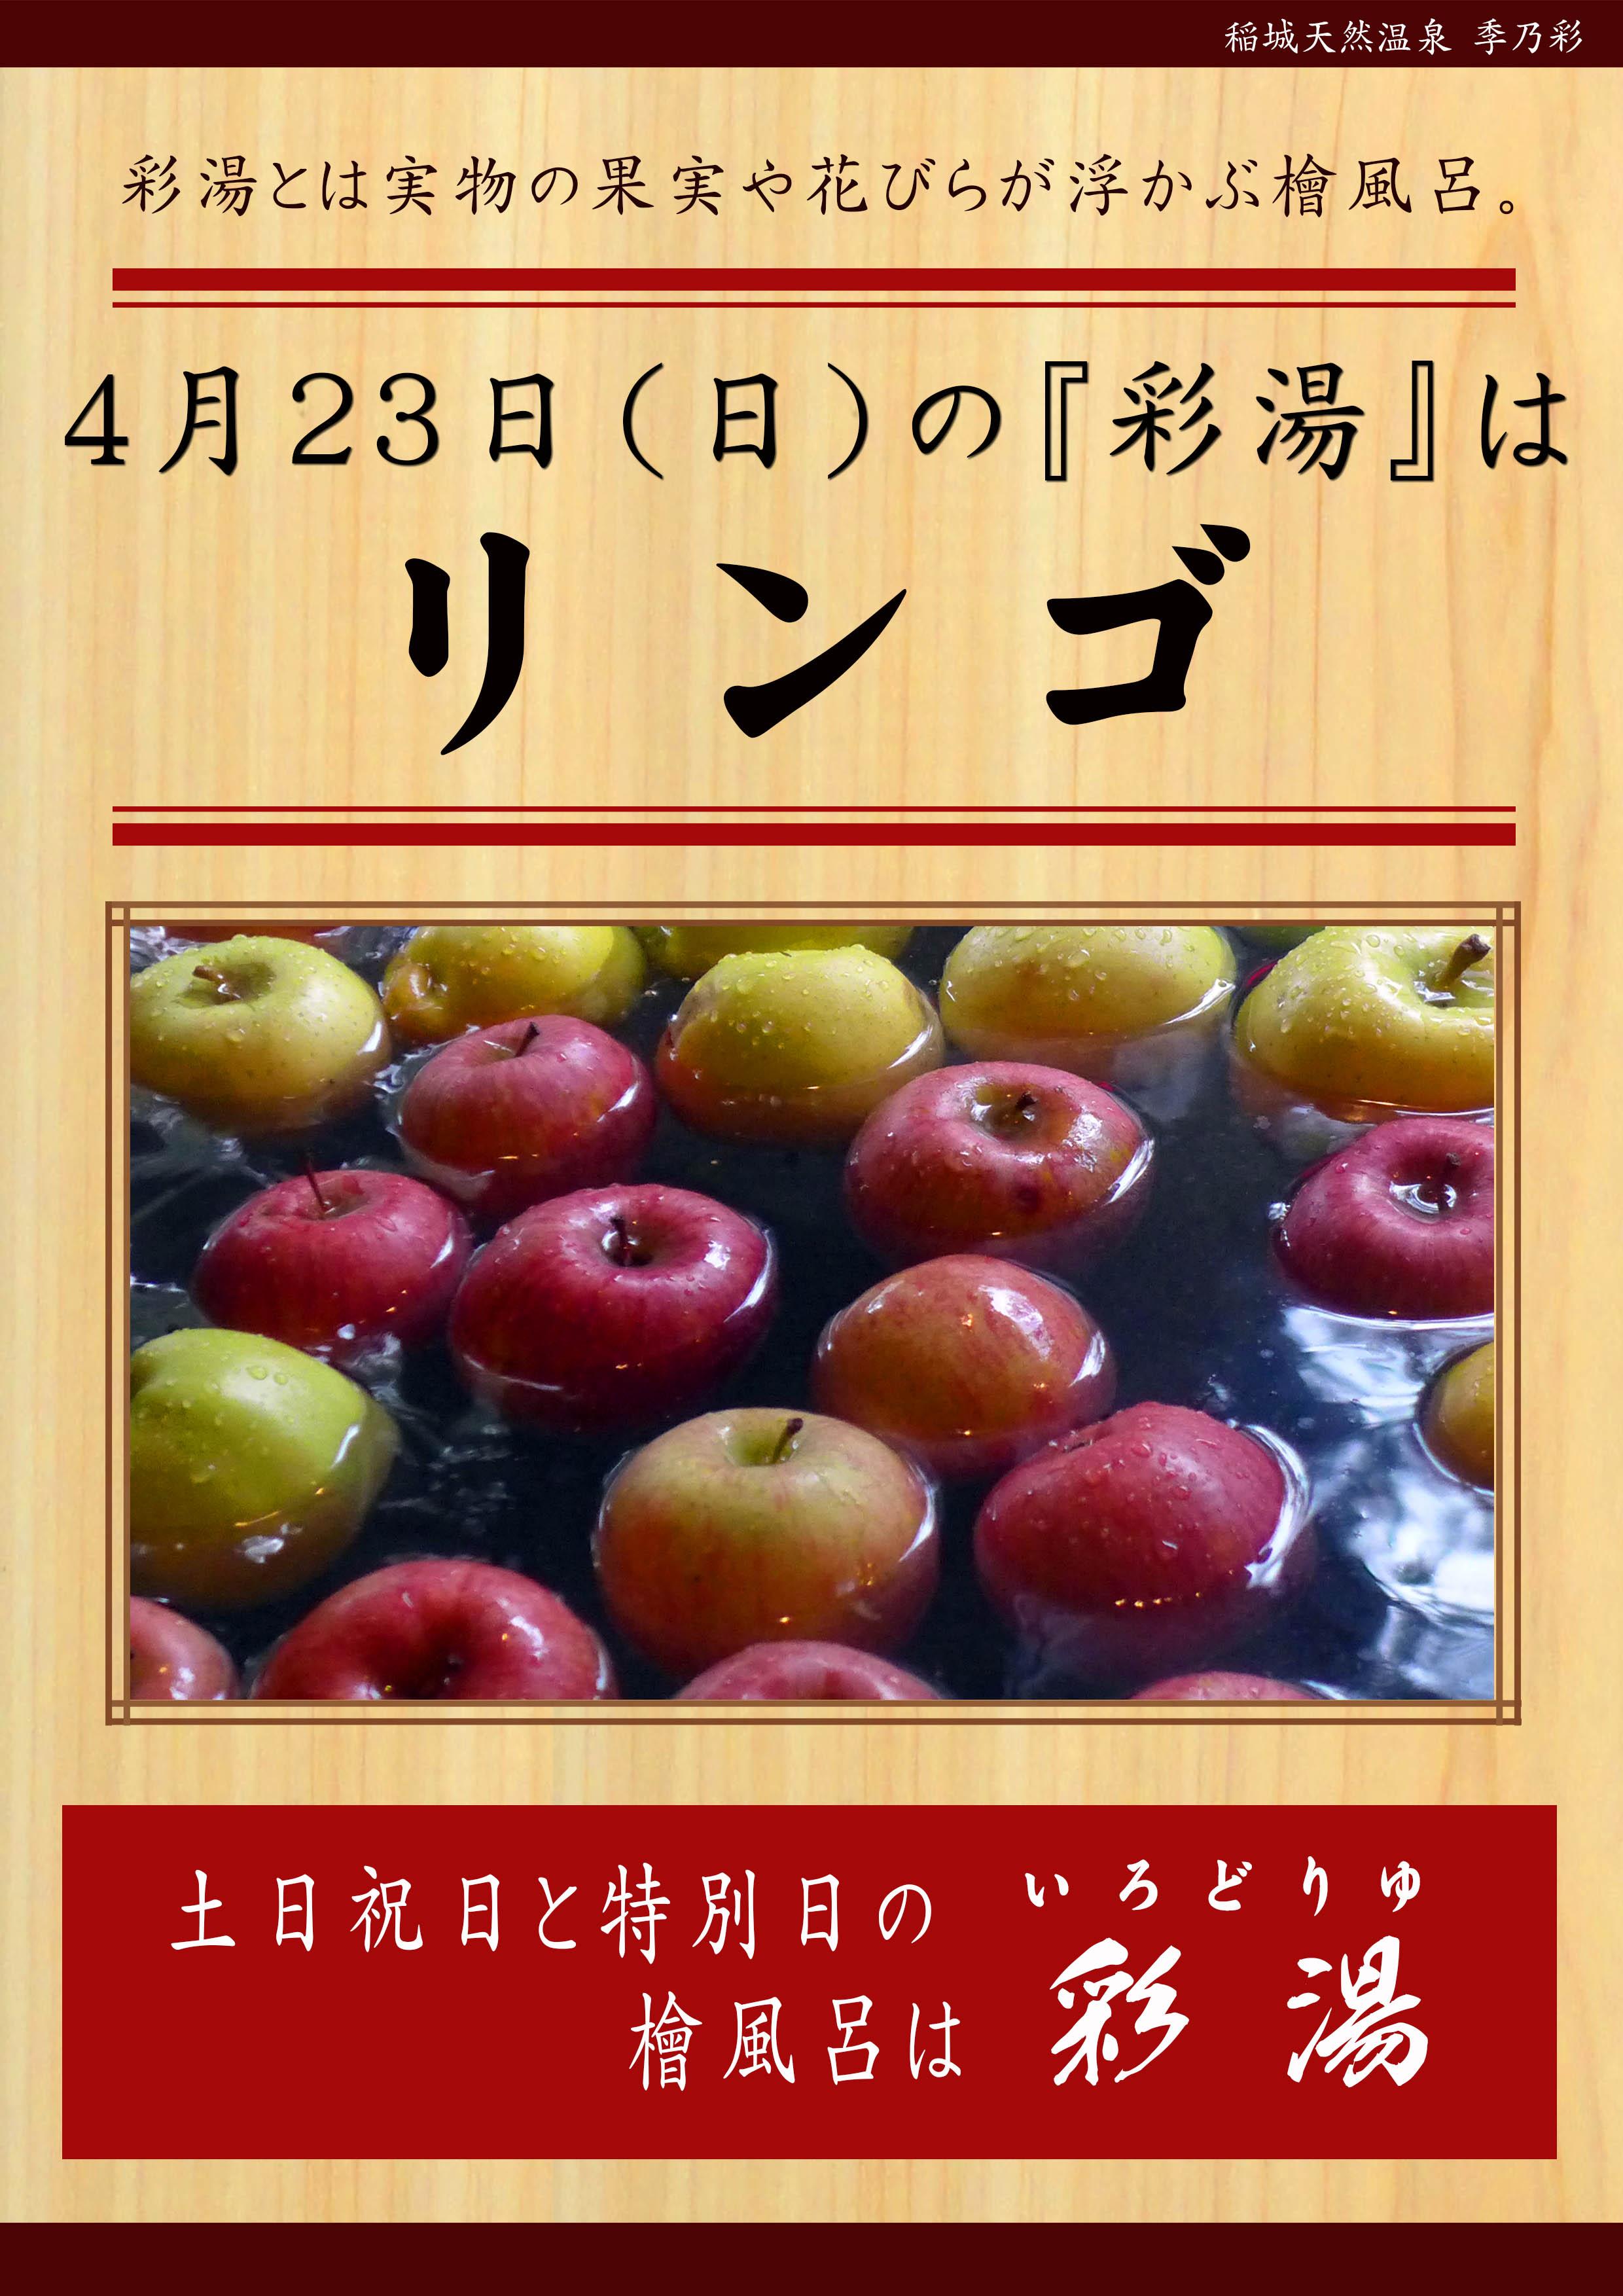 20170423POP イベント 彩湯 リンゴ